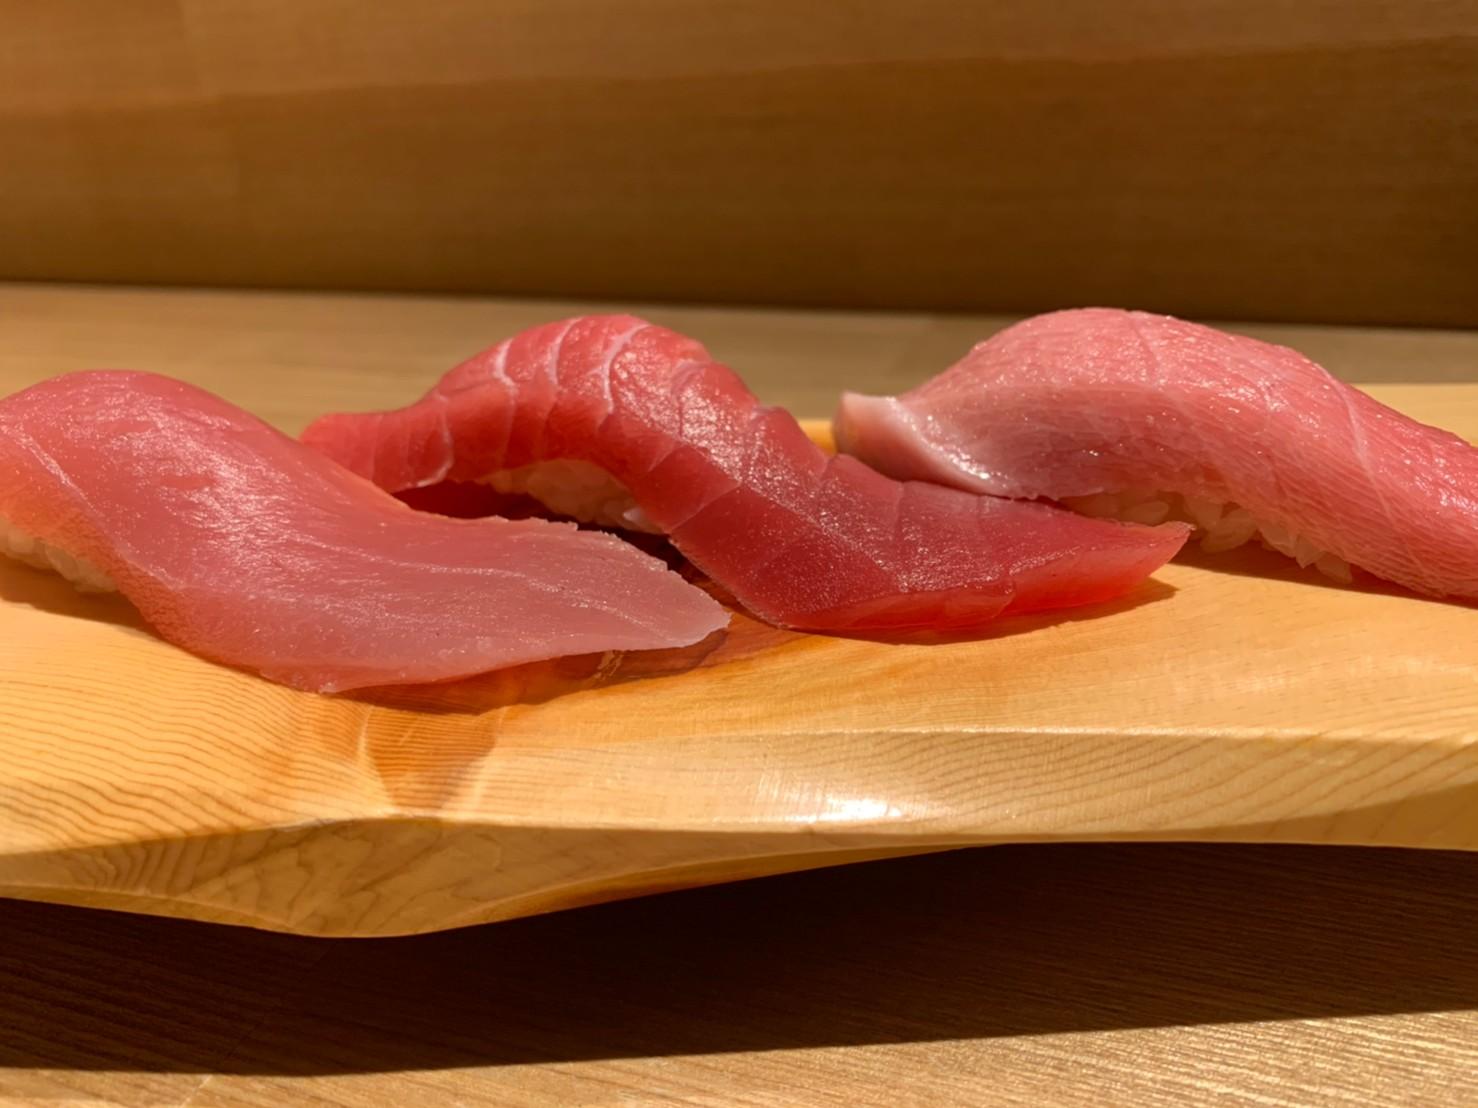 栄|ネタの大きさとコスパの良さに驚愕!高級店さながらの雰囲気の中でいただく本格にぎり寿司